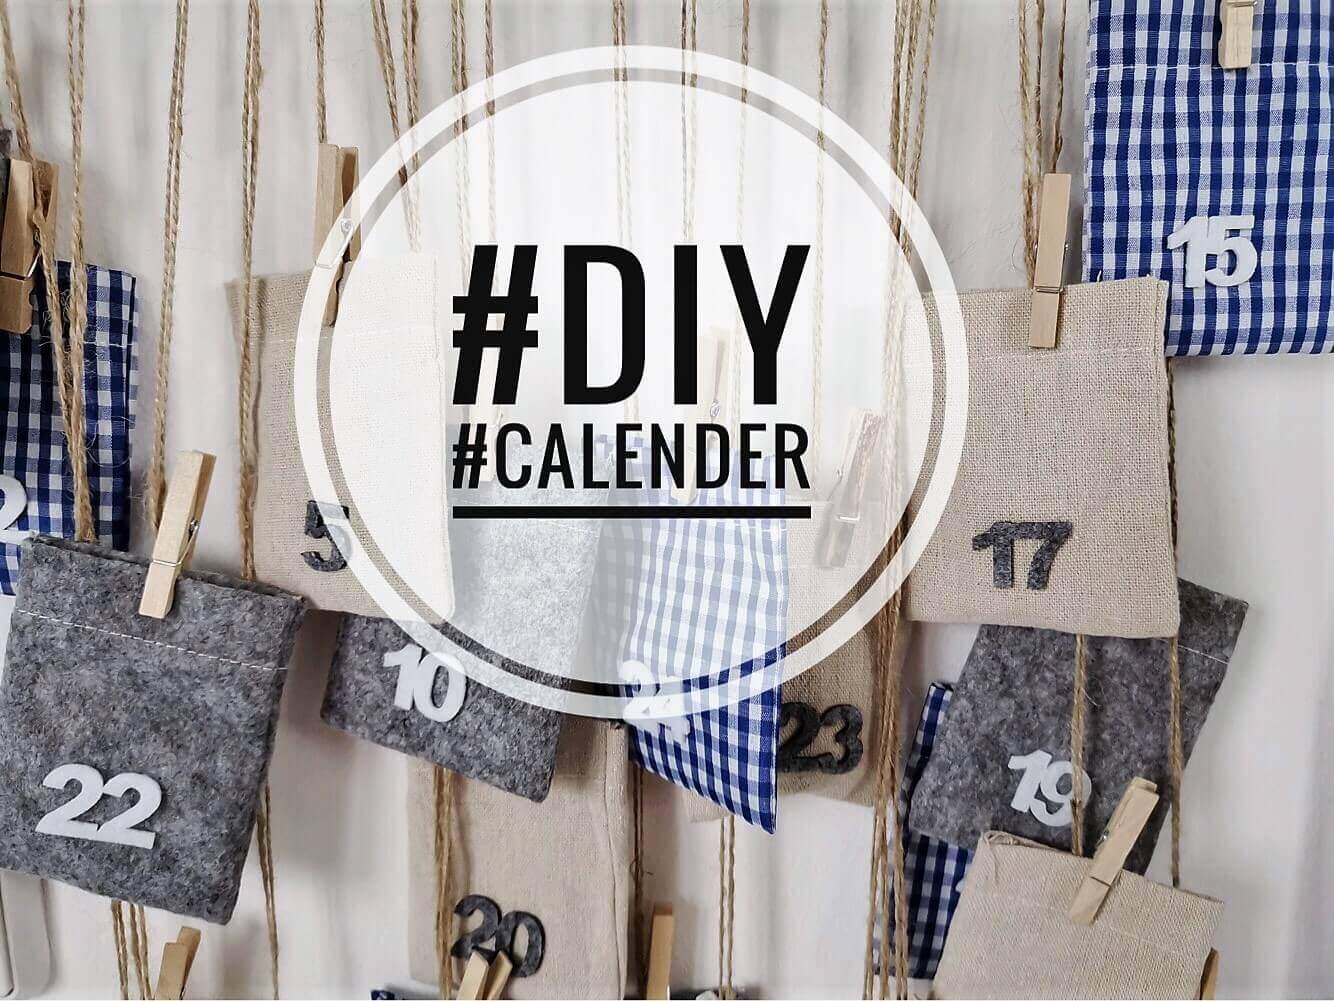 IMG 2893 - Jednoduché a originálne! Zaveste si adventný kalendár na vešiak.